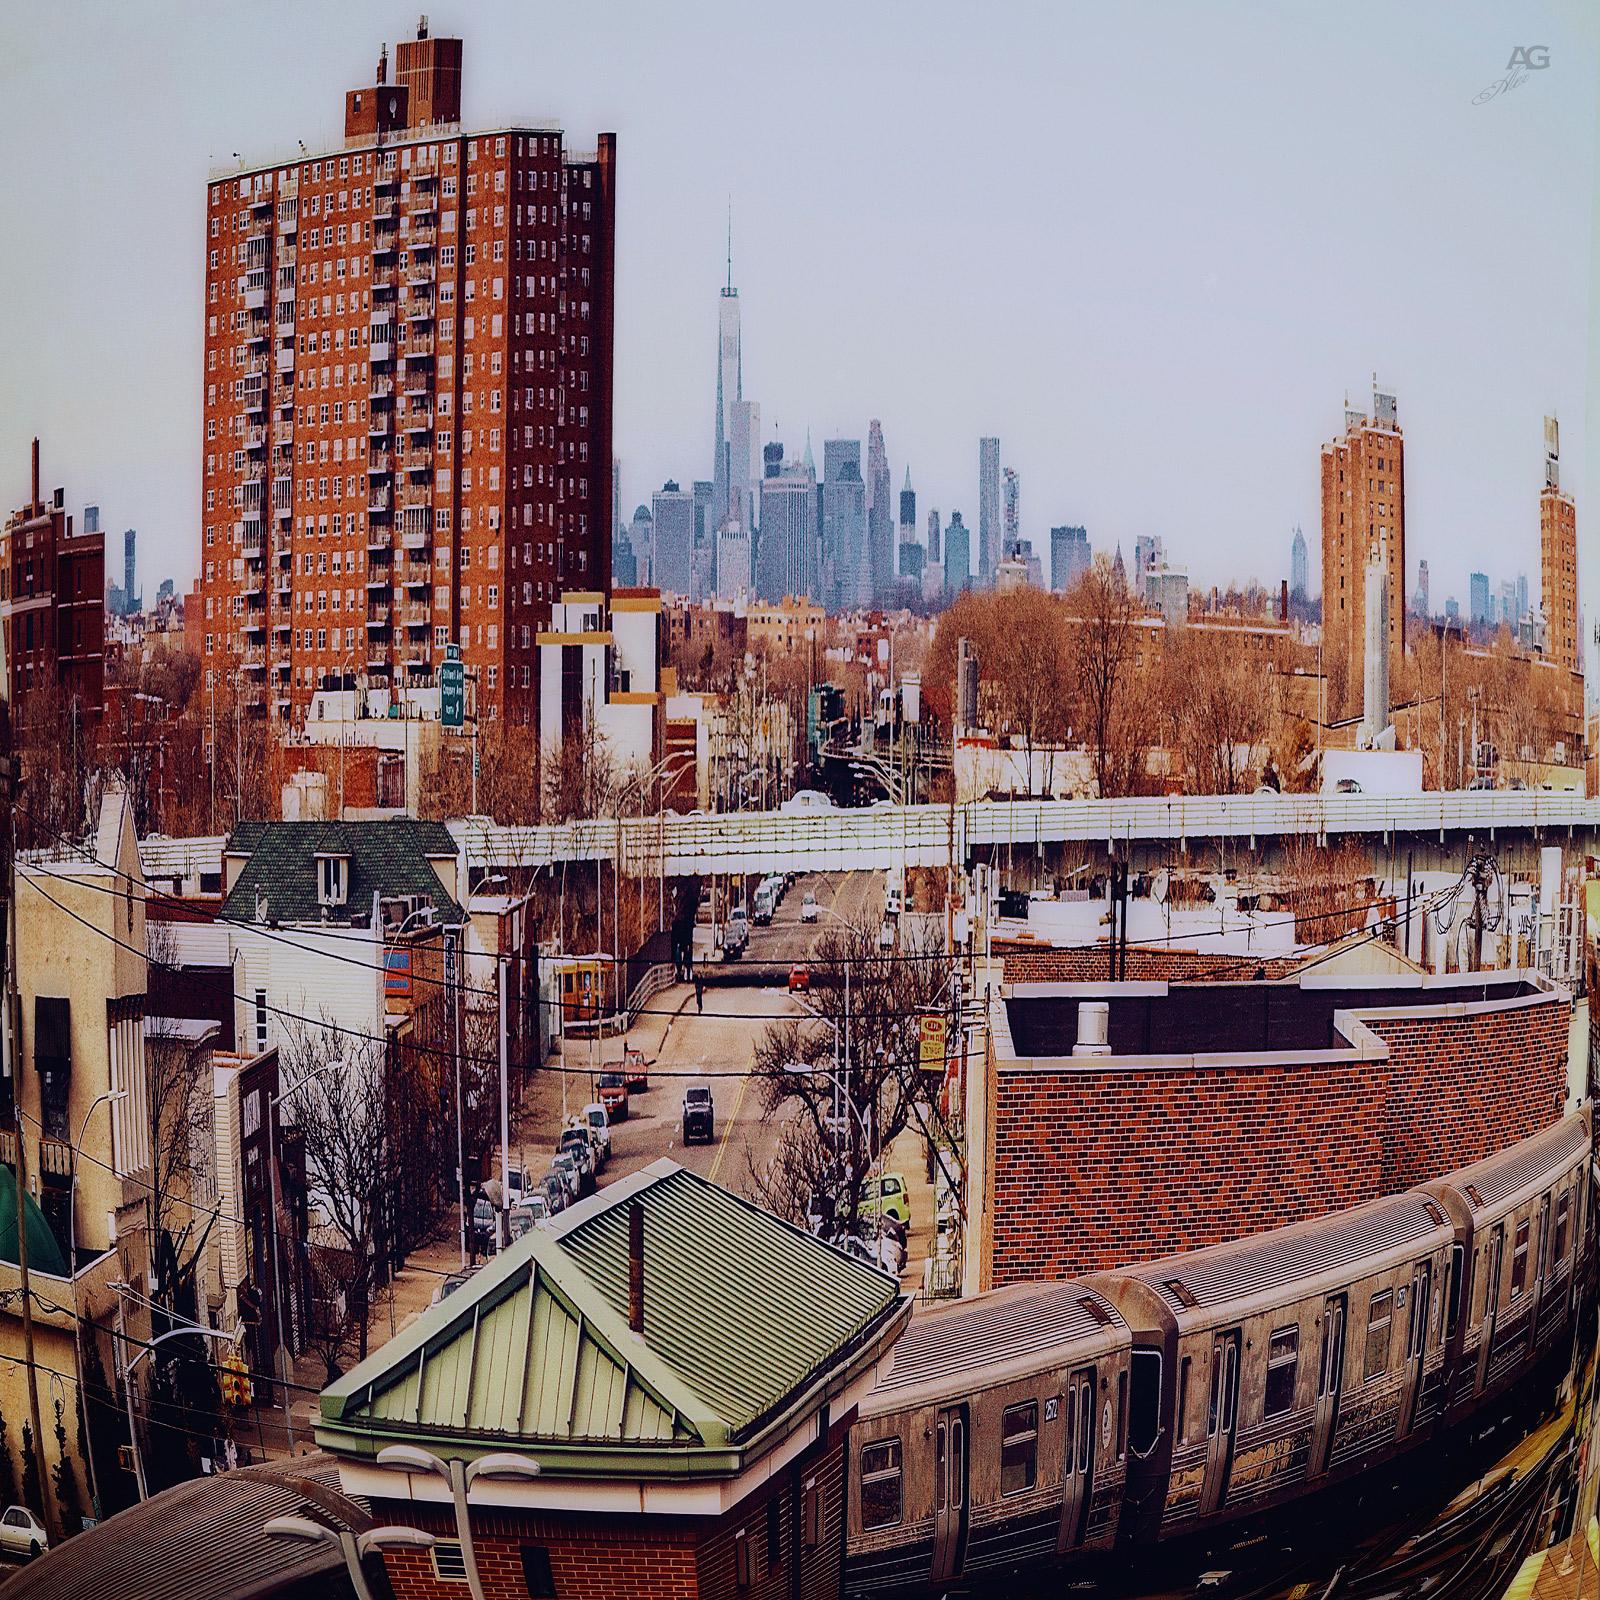 ManhattanAndBrookynFromStillwelTranSubwayElevationTrucks_warped_1600